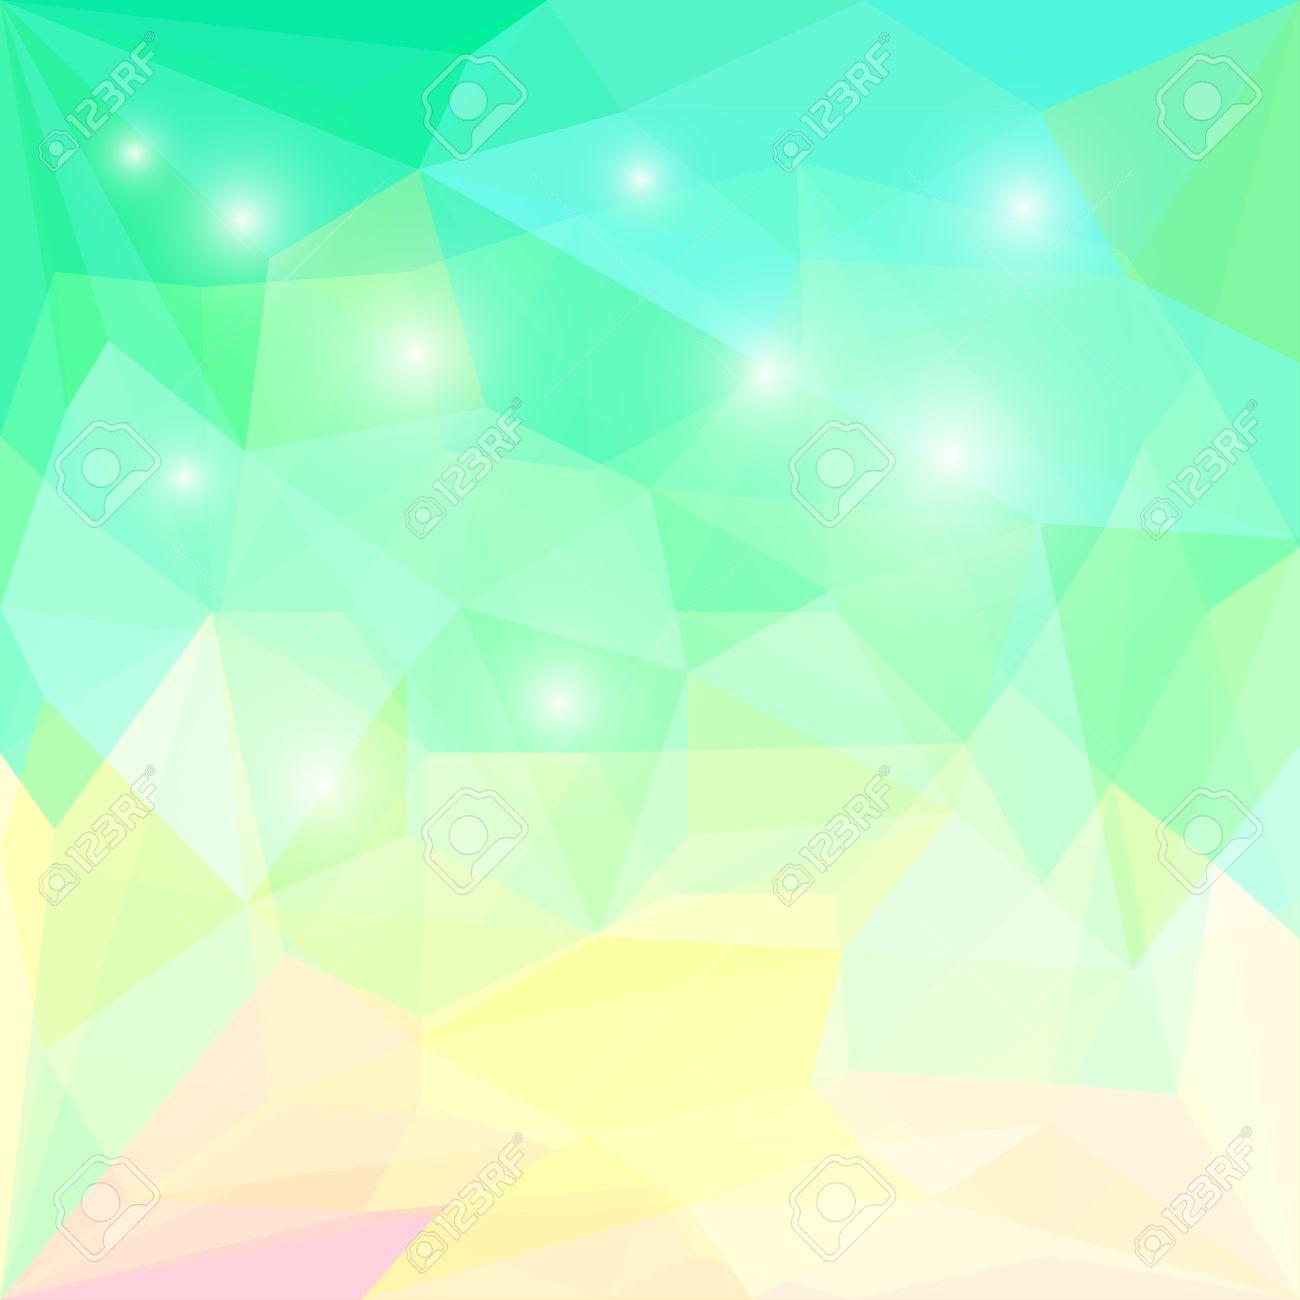 Brillante De La Primavera Fresca Fondo Geométrico De Color Verde ...